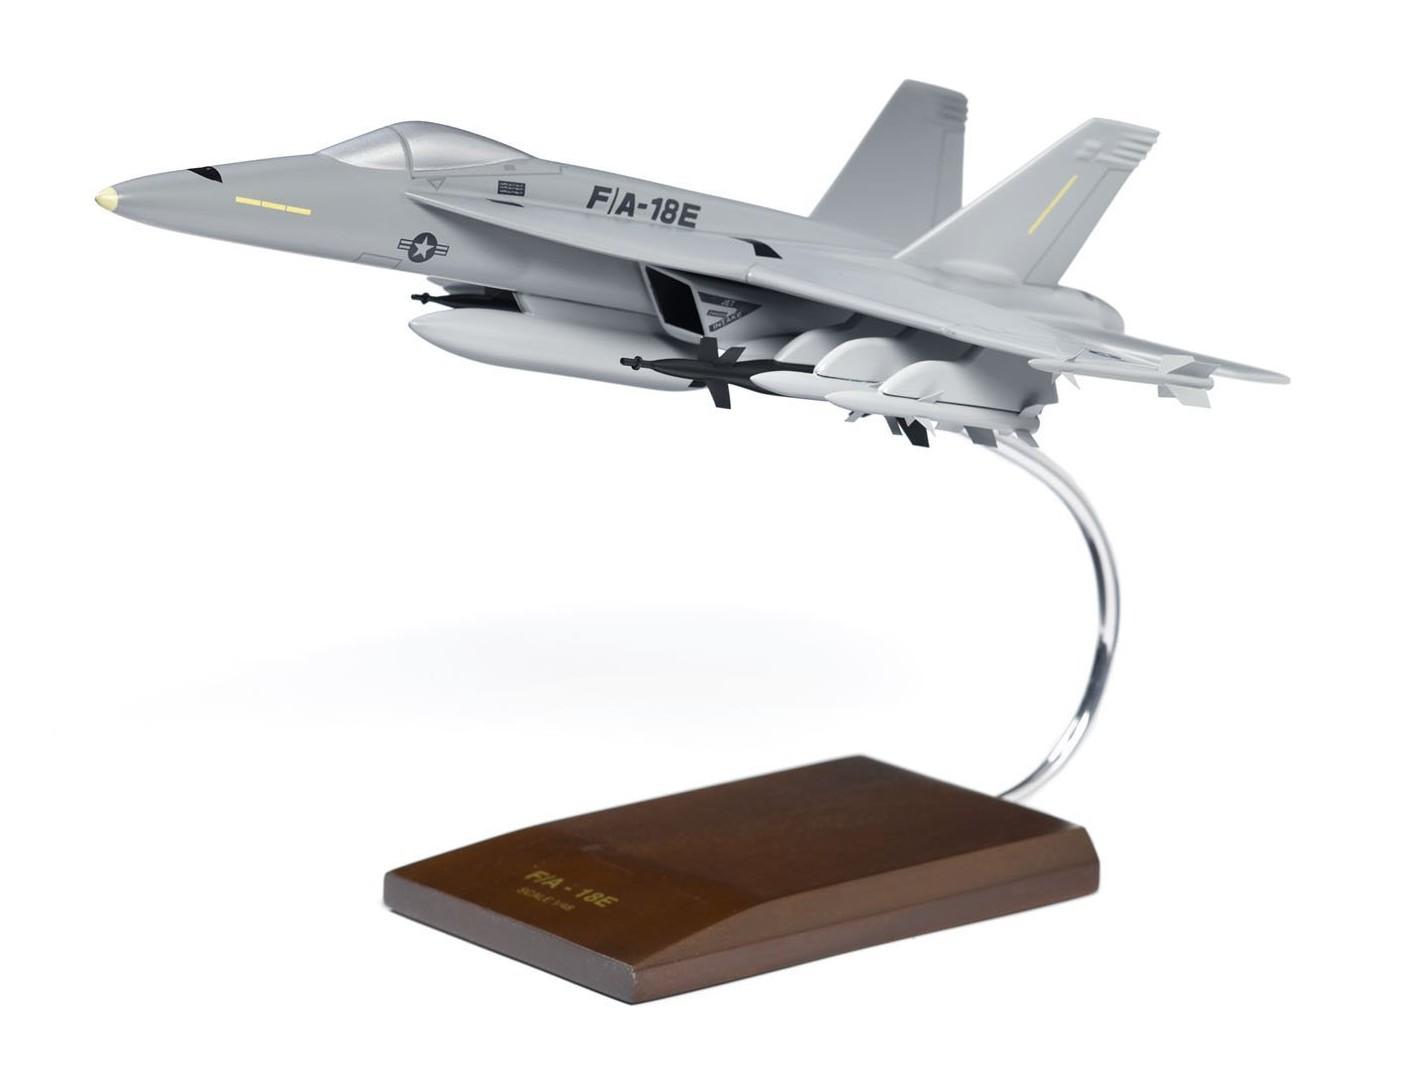 ボーイング F/A-18E Super Hornet Model ダイキャスト